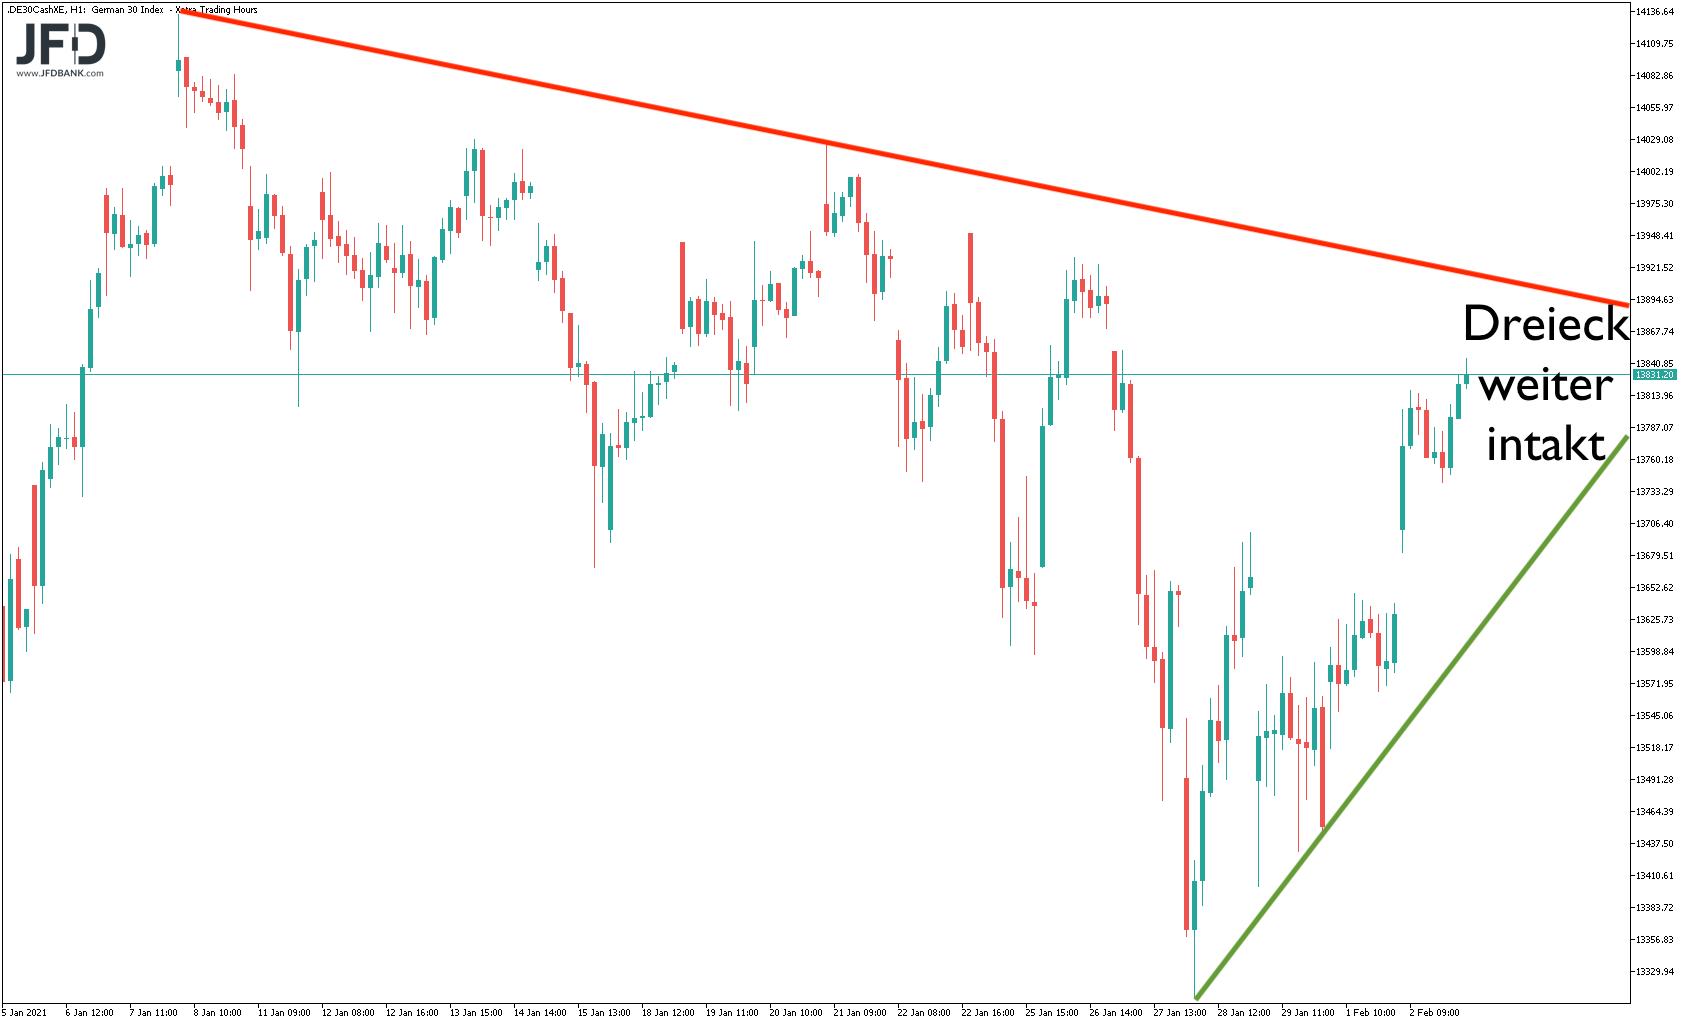 Mittelfristiges DAX-Dreieck weiter intakt